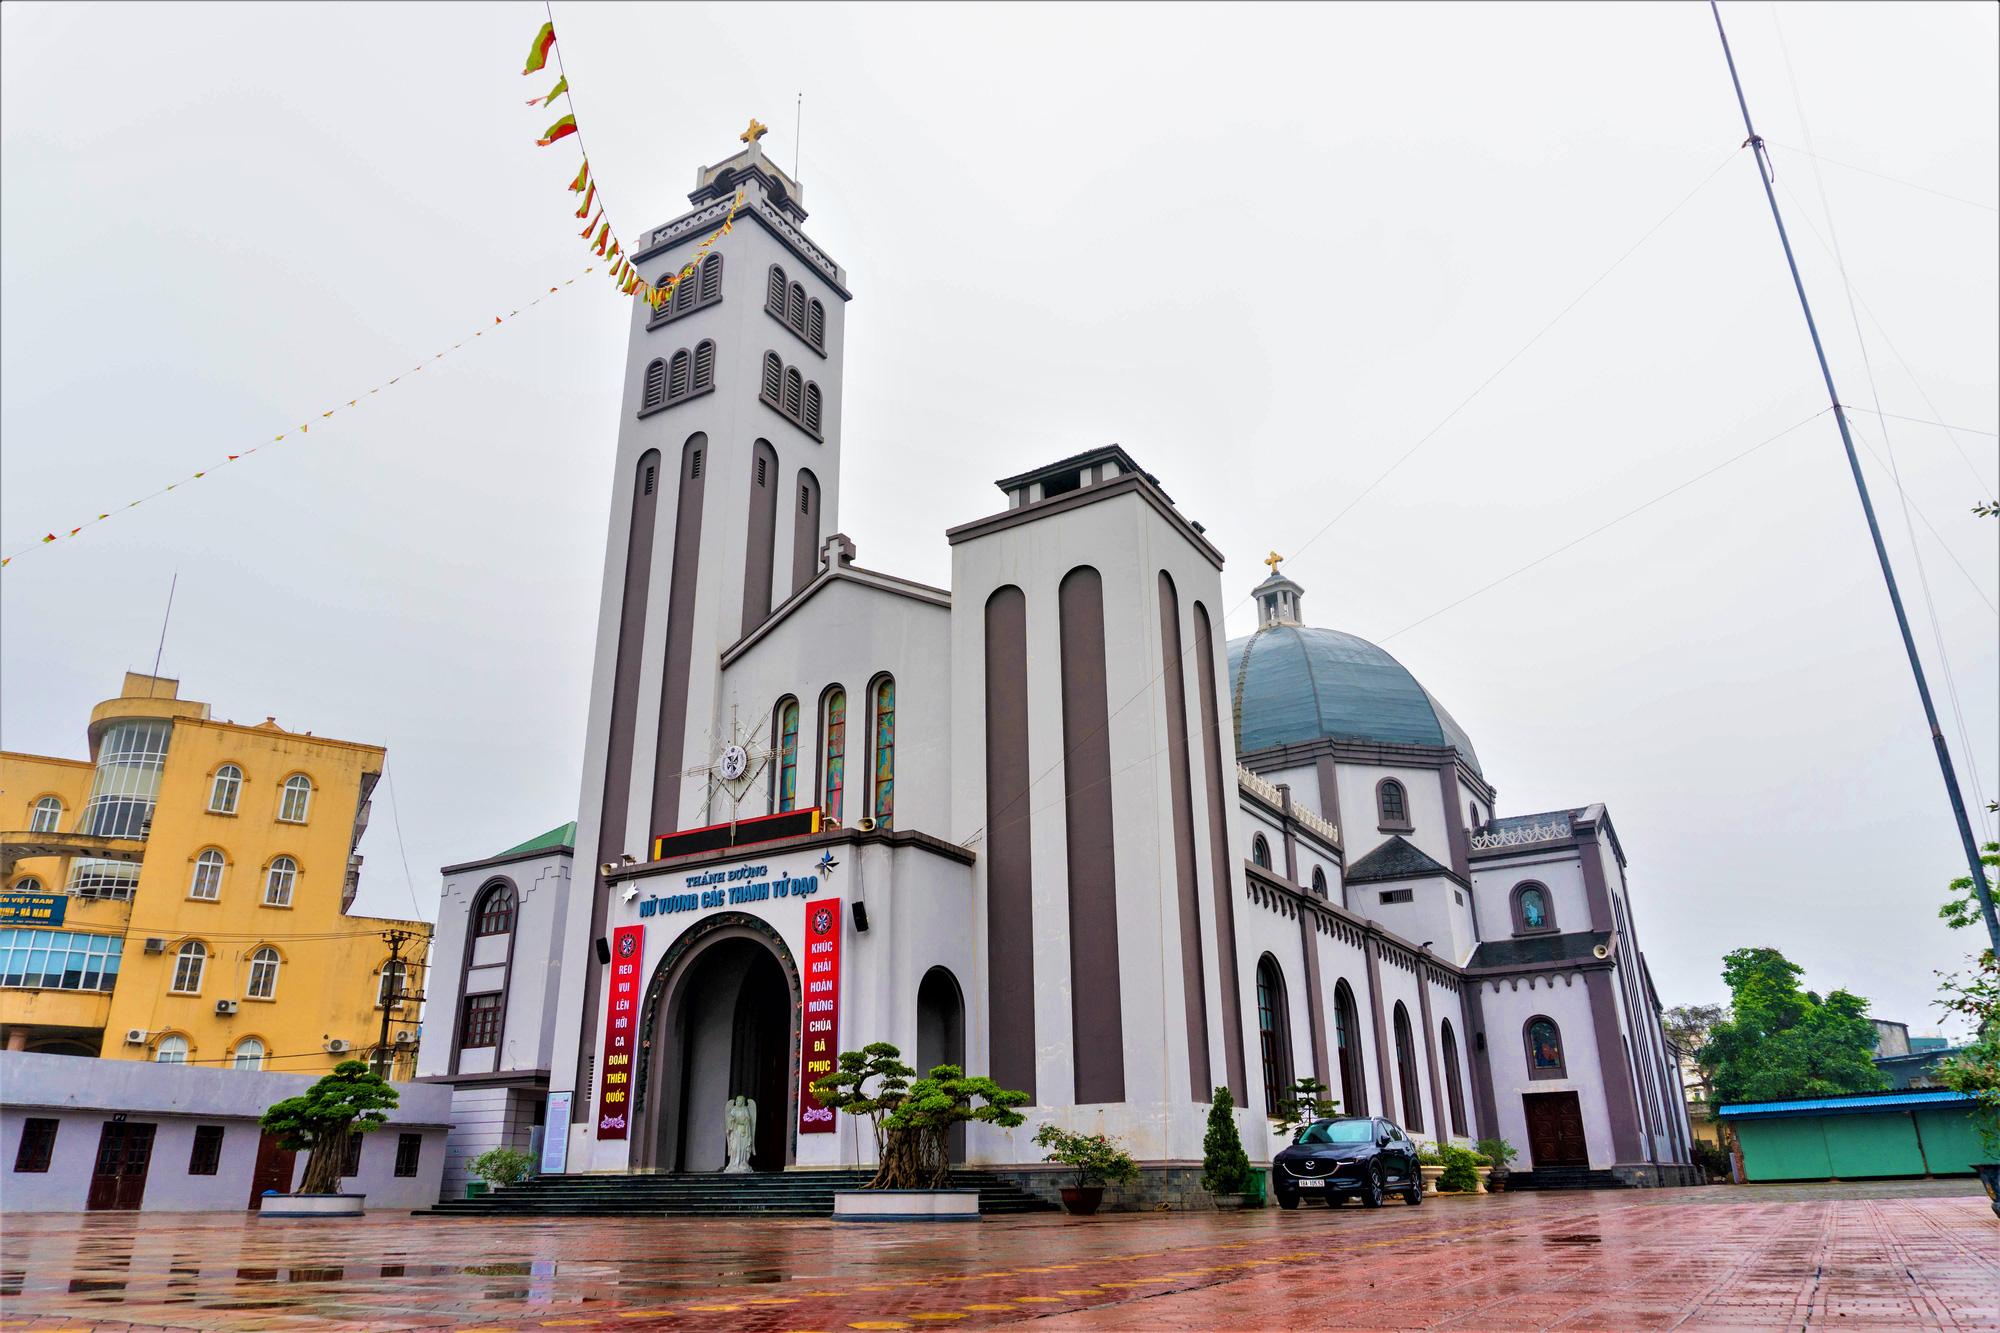 Về thăm nhà thờ Khoái Đồng, nơi thờ hiện thân của ông già Noel - Ảnh 1.